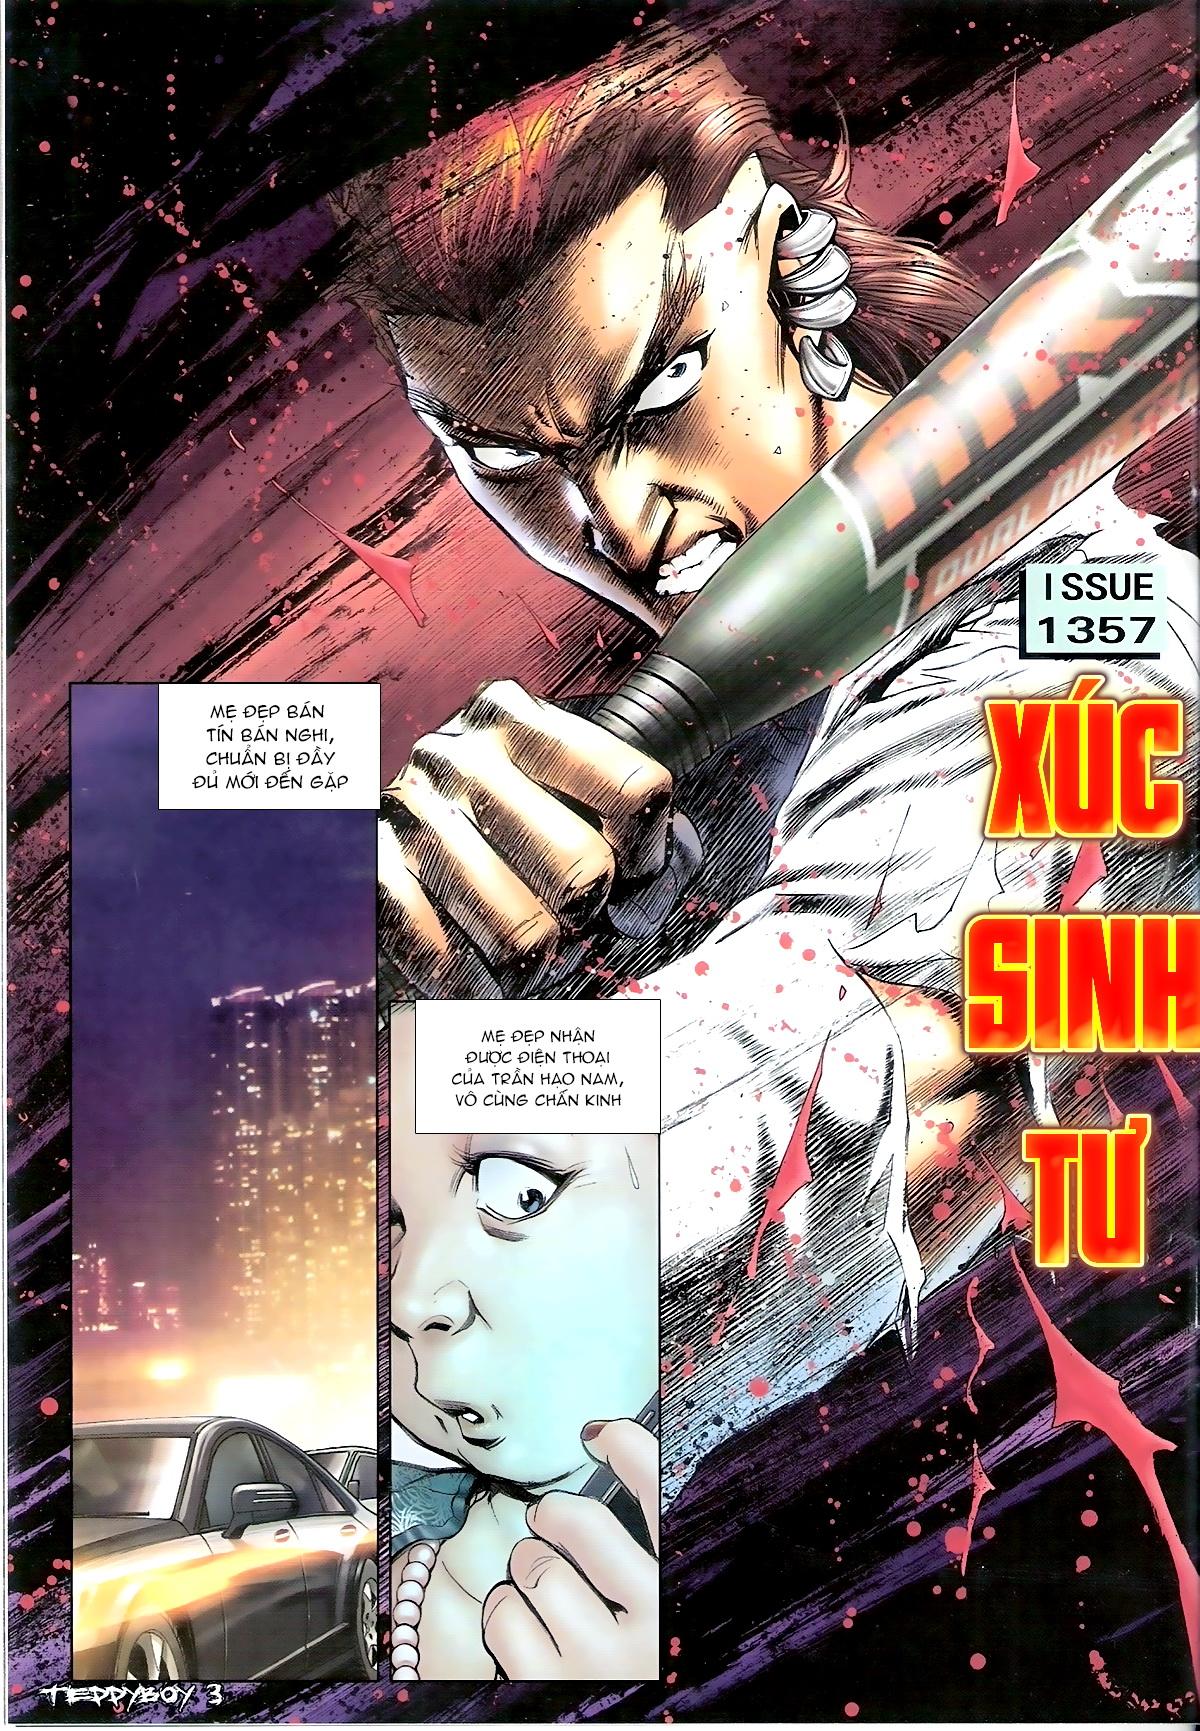 Người Trong Giang Hồ - Chapter 1357: Xúc Sinh Tư - Pic 2